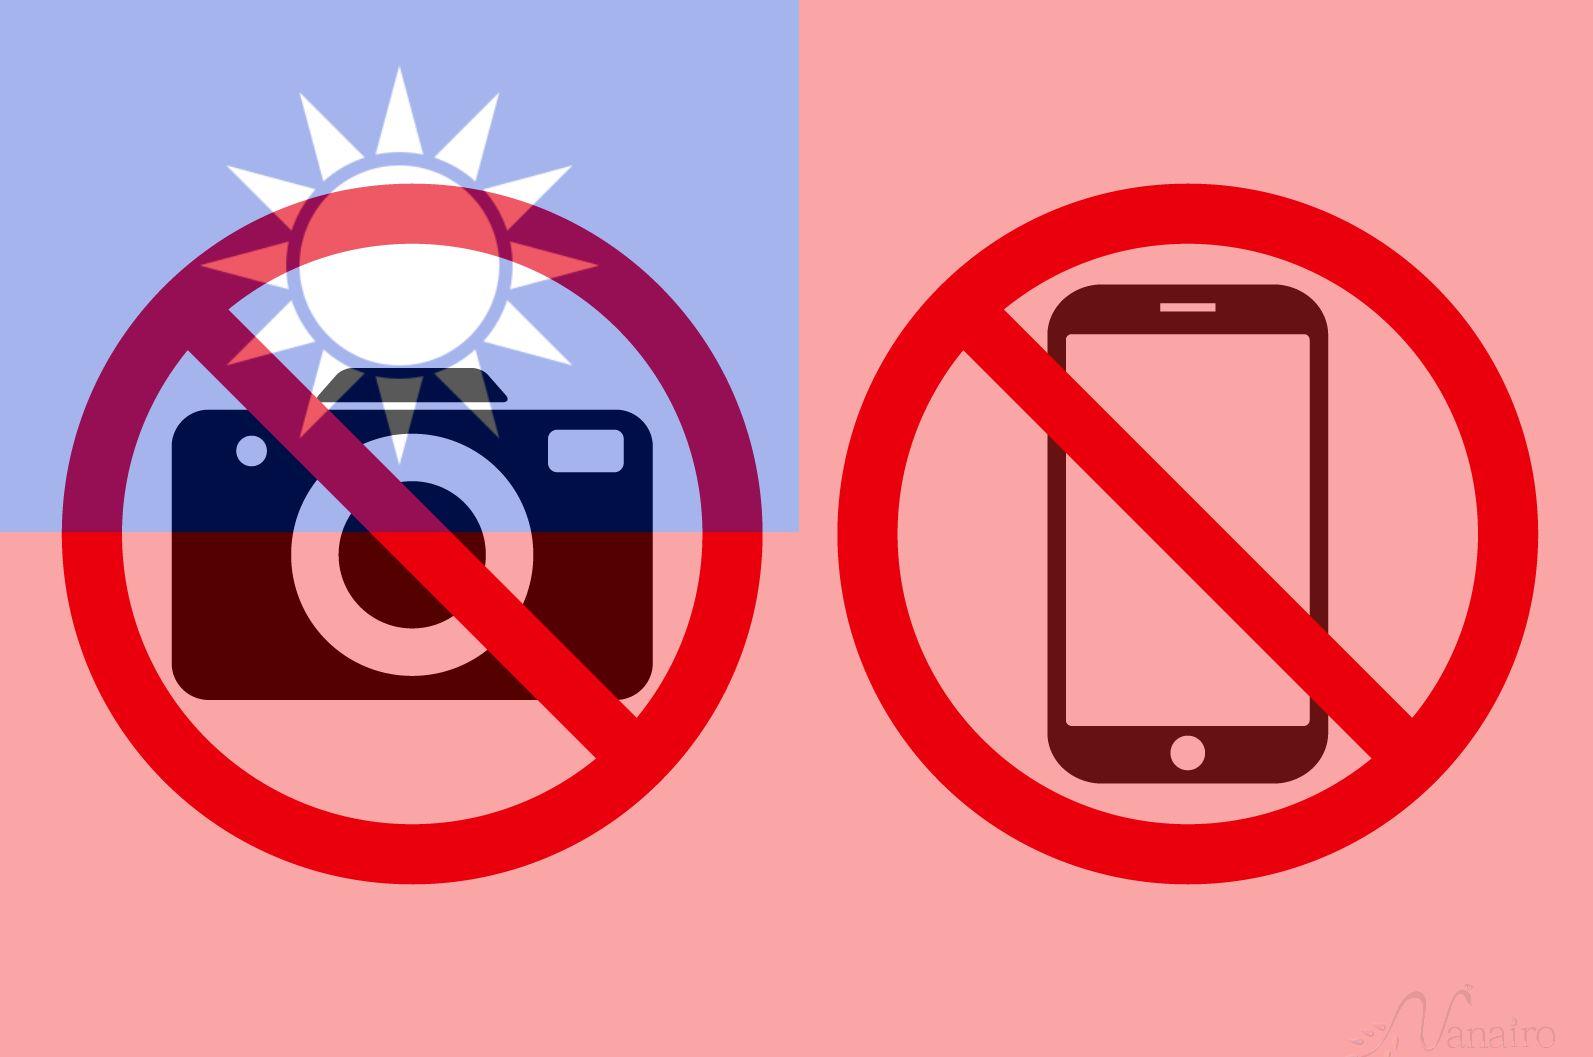 台湾で撮影禁止の場所は?写真や動画の撮影で気を付けること。